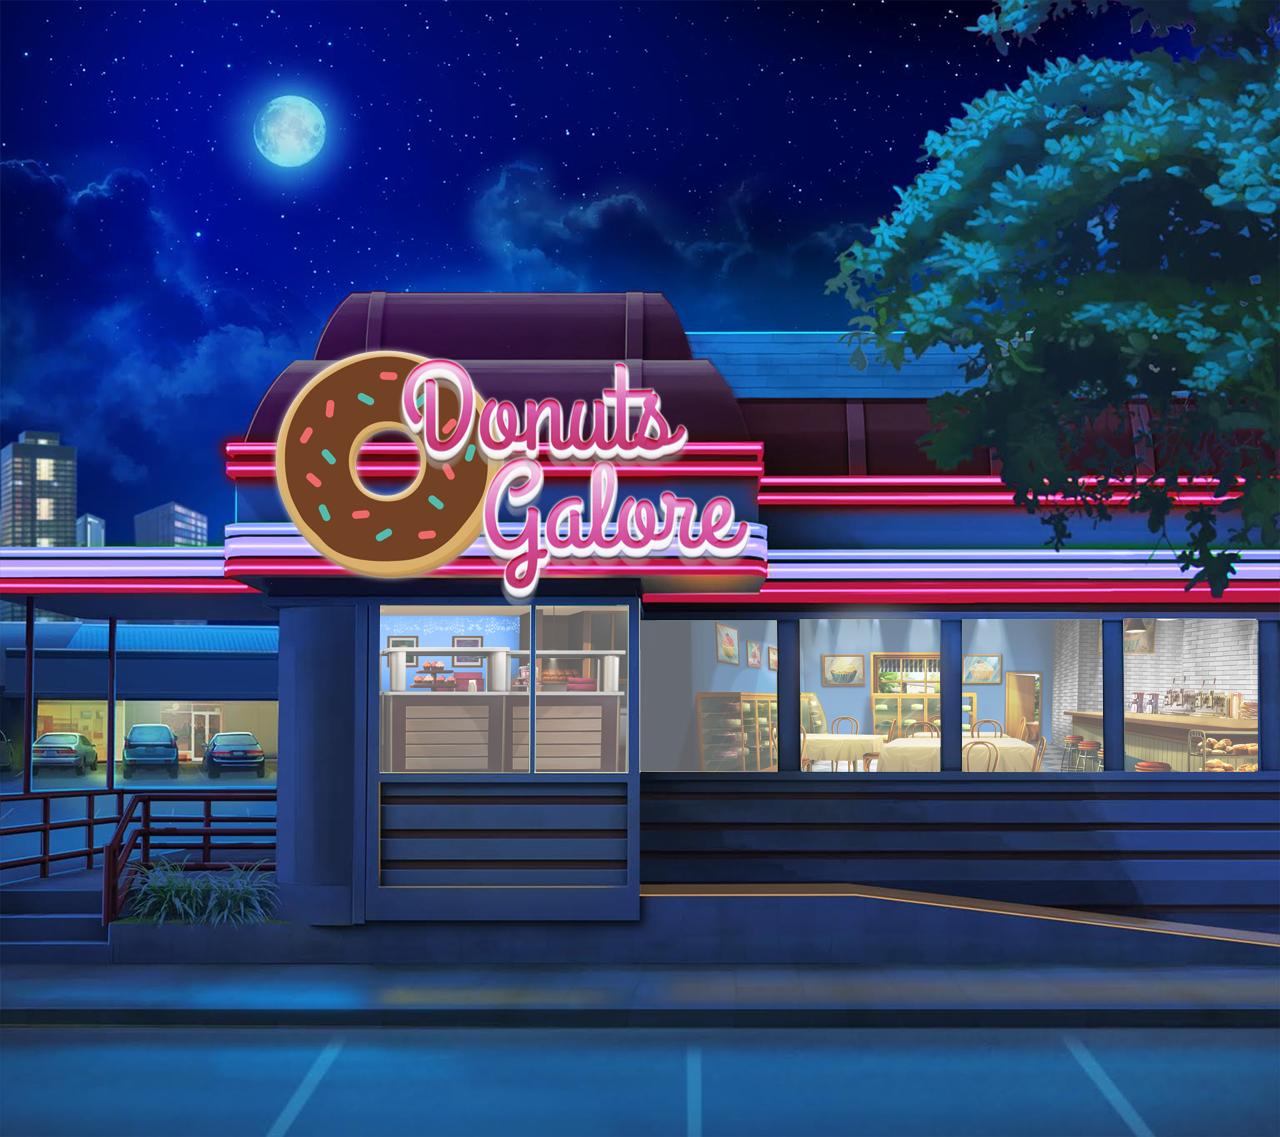 Donut Store Cenario Anime Fundo Do Jogo Fundo Para Video